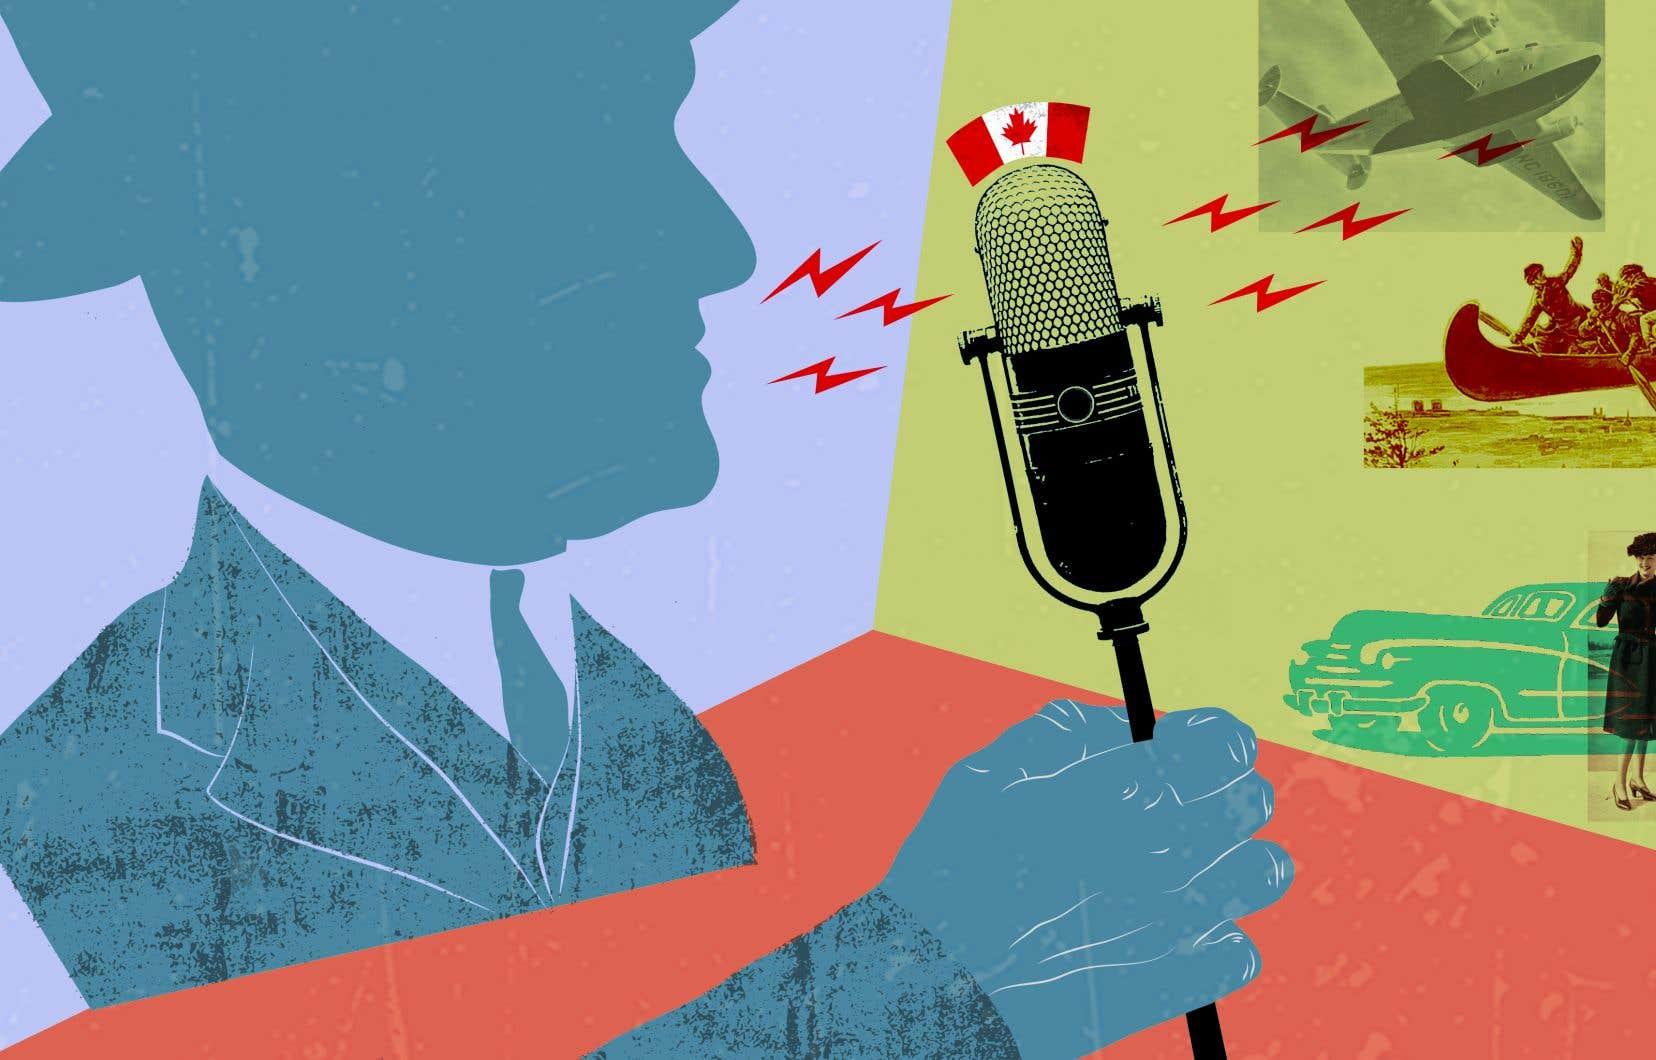 Jusqu'au tournant des années 1920,les usages de la radio se limitent principalement au secteur militaire et à ceux de la diplomatie, du commerce et du transport.